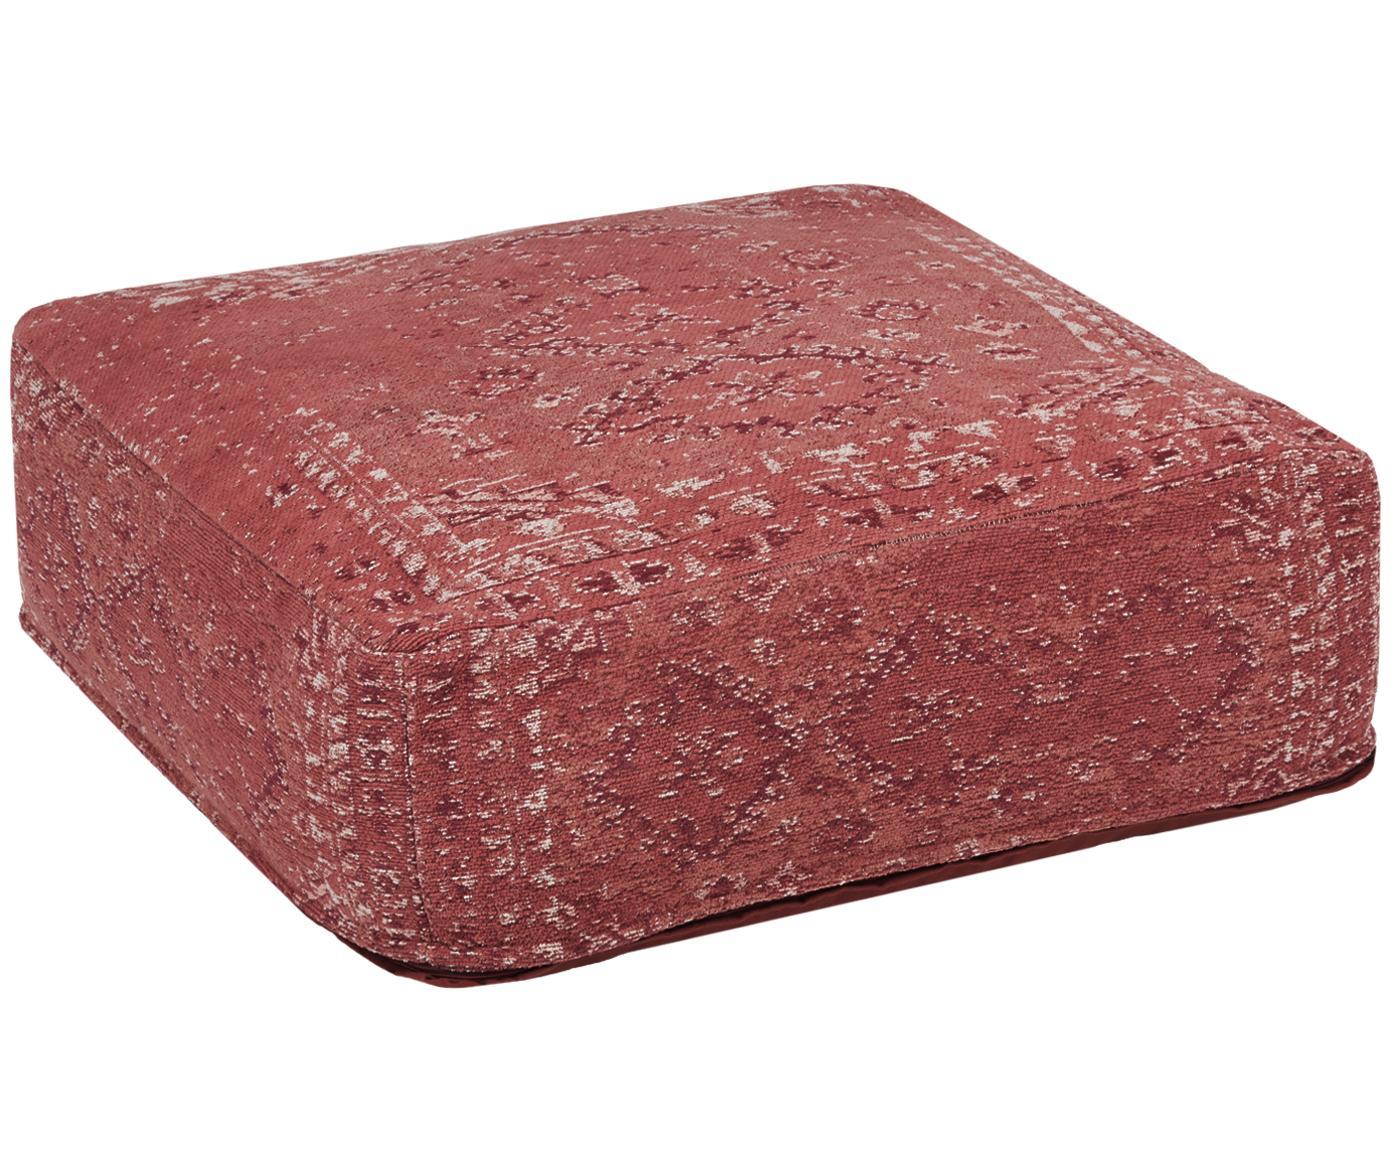 Poduszka podłogowa vintage Rebel, Tapicerka: 95% bawełna, 5% poliester, Rudy, kremowy, czerwony, S 70 x D 70 cm